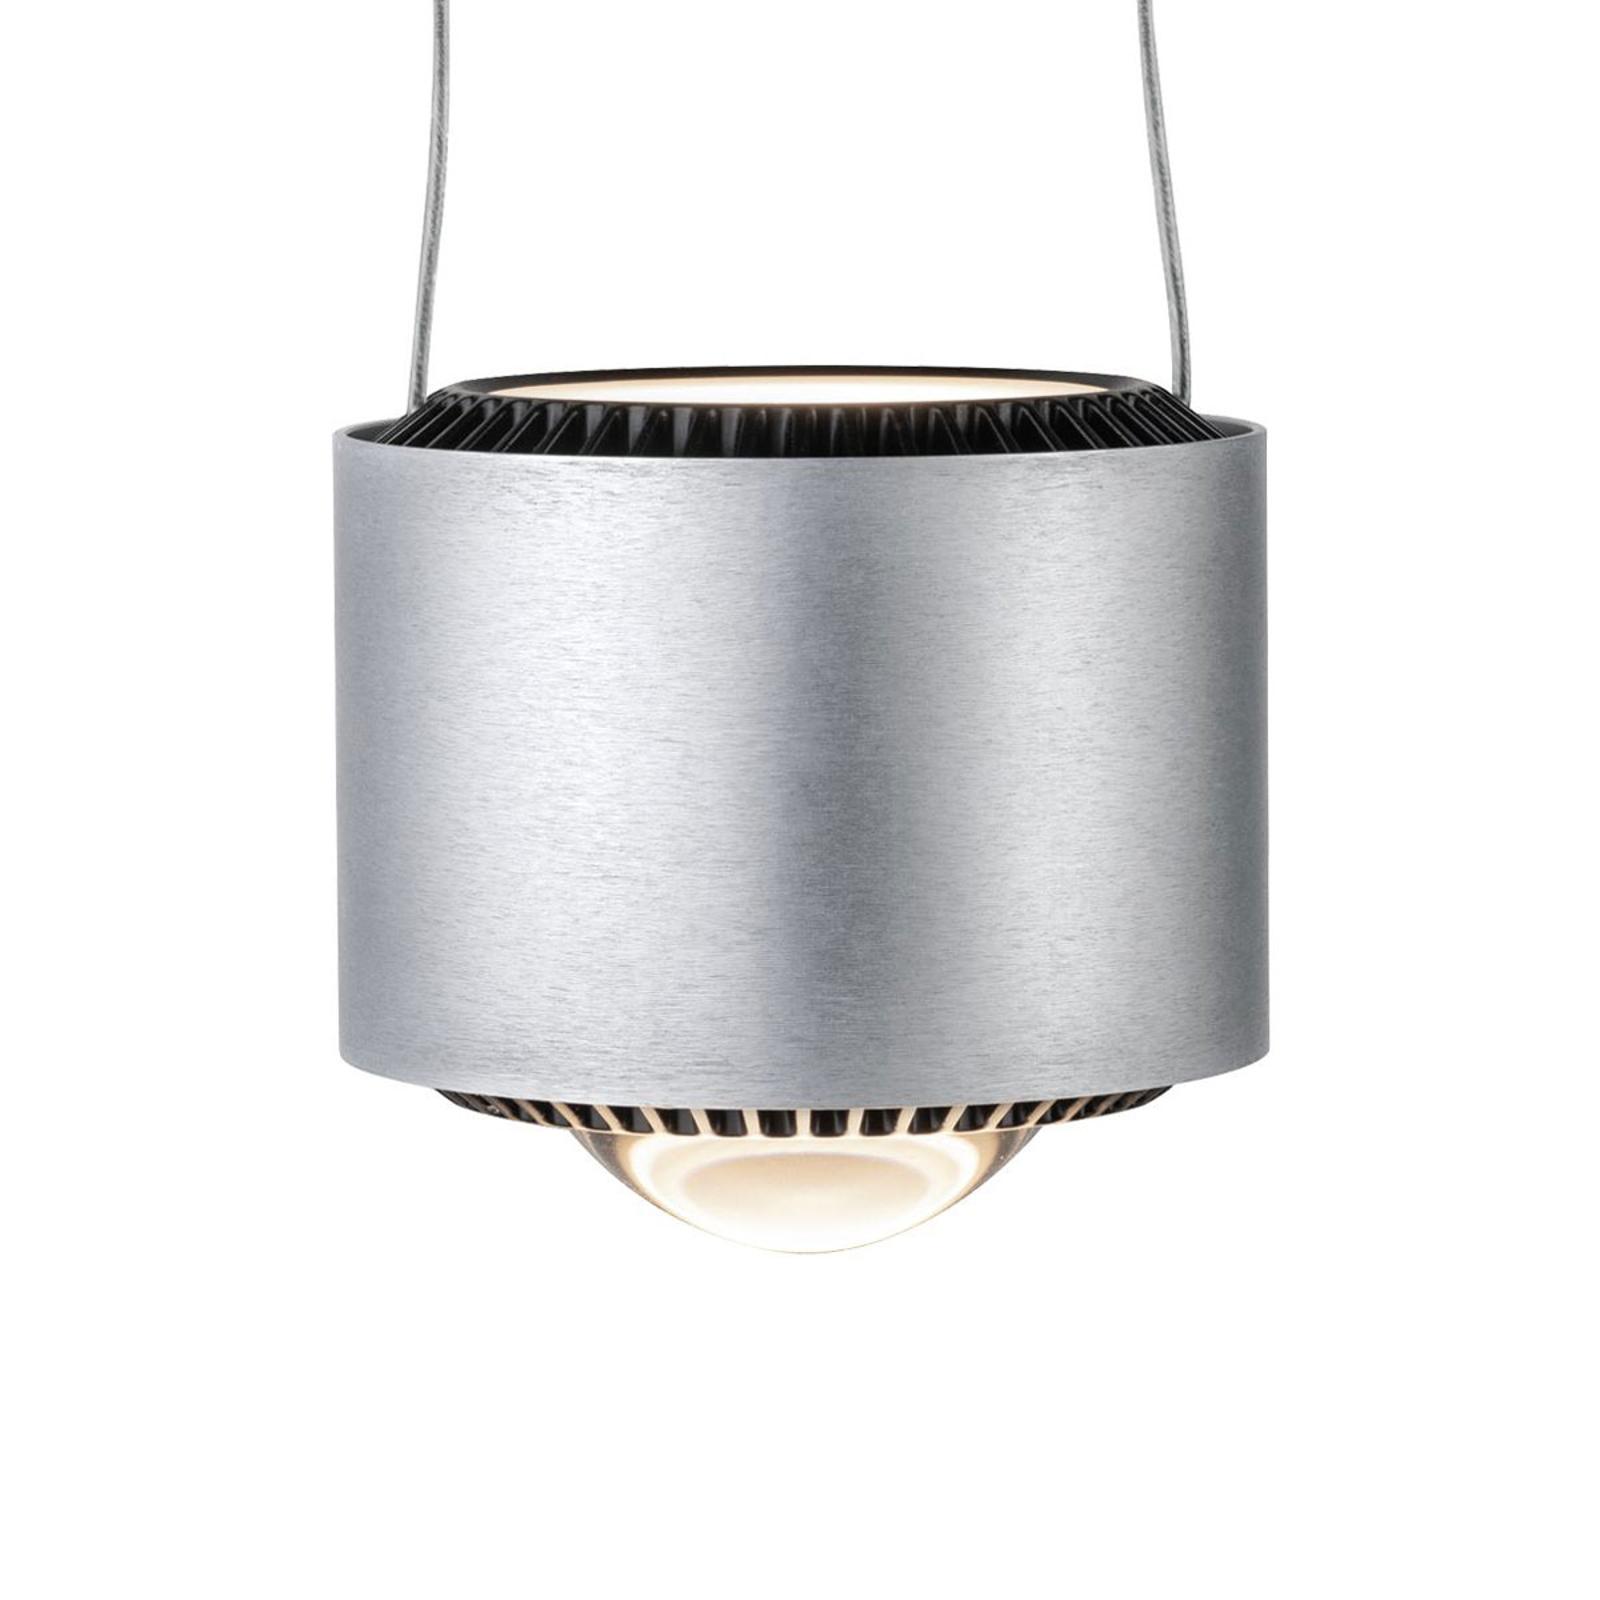 Paulmann VariLine suspension LED Aldan